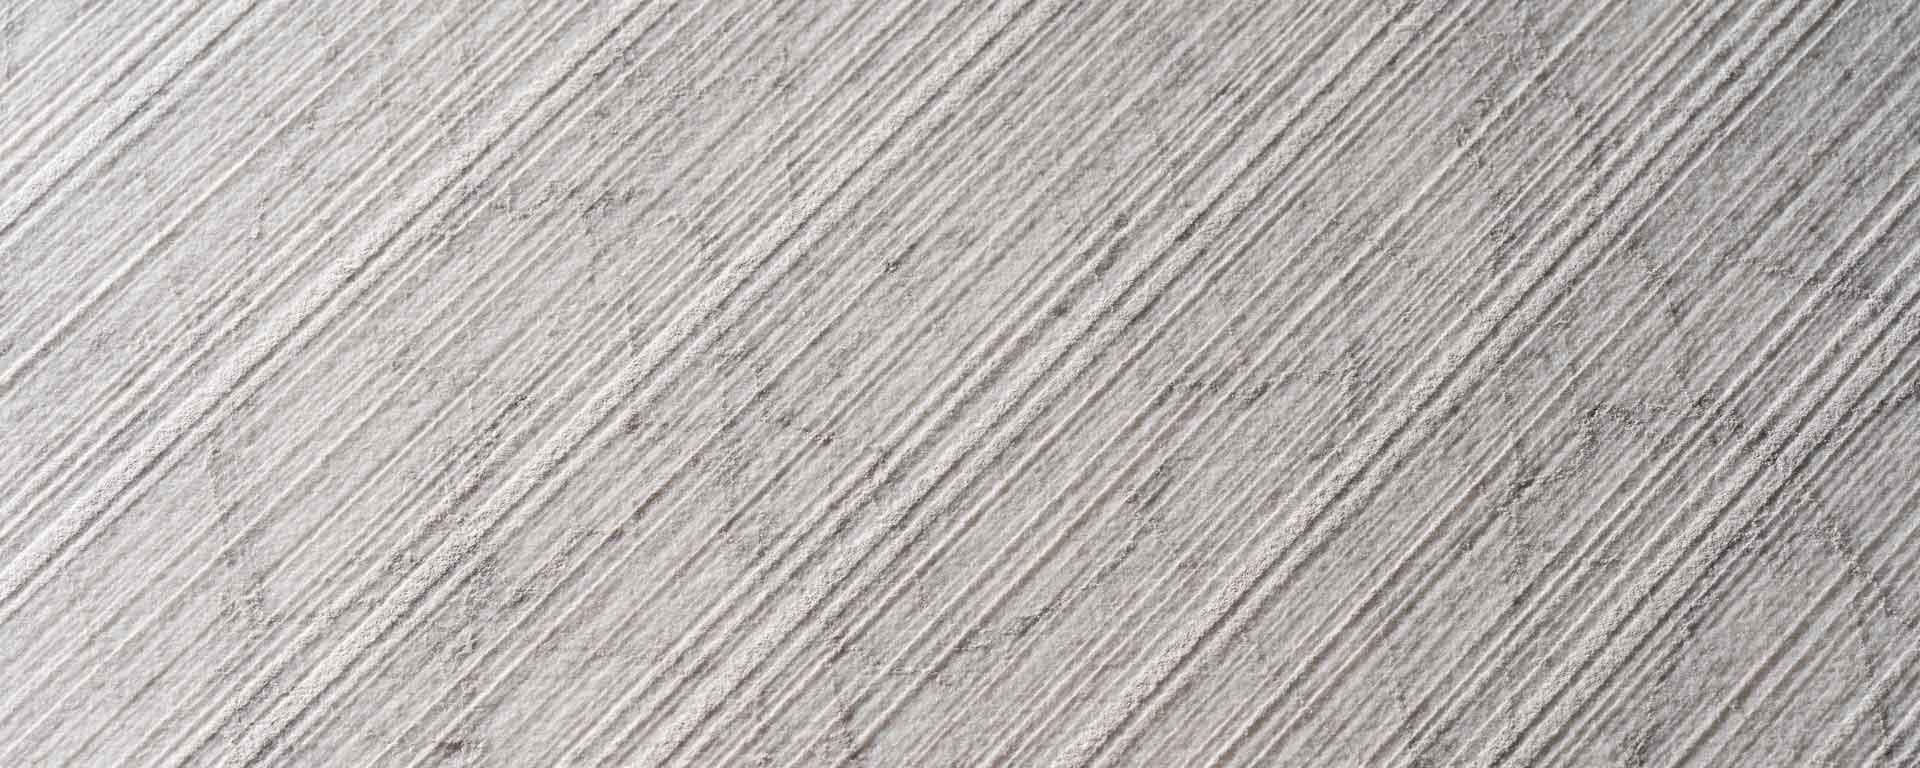 Collezione finiture in marmo per rivestimenti a pavimento e rivestimenti a parete